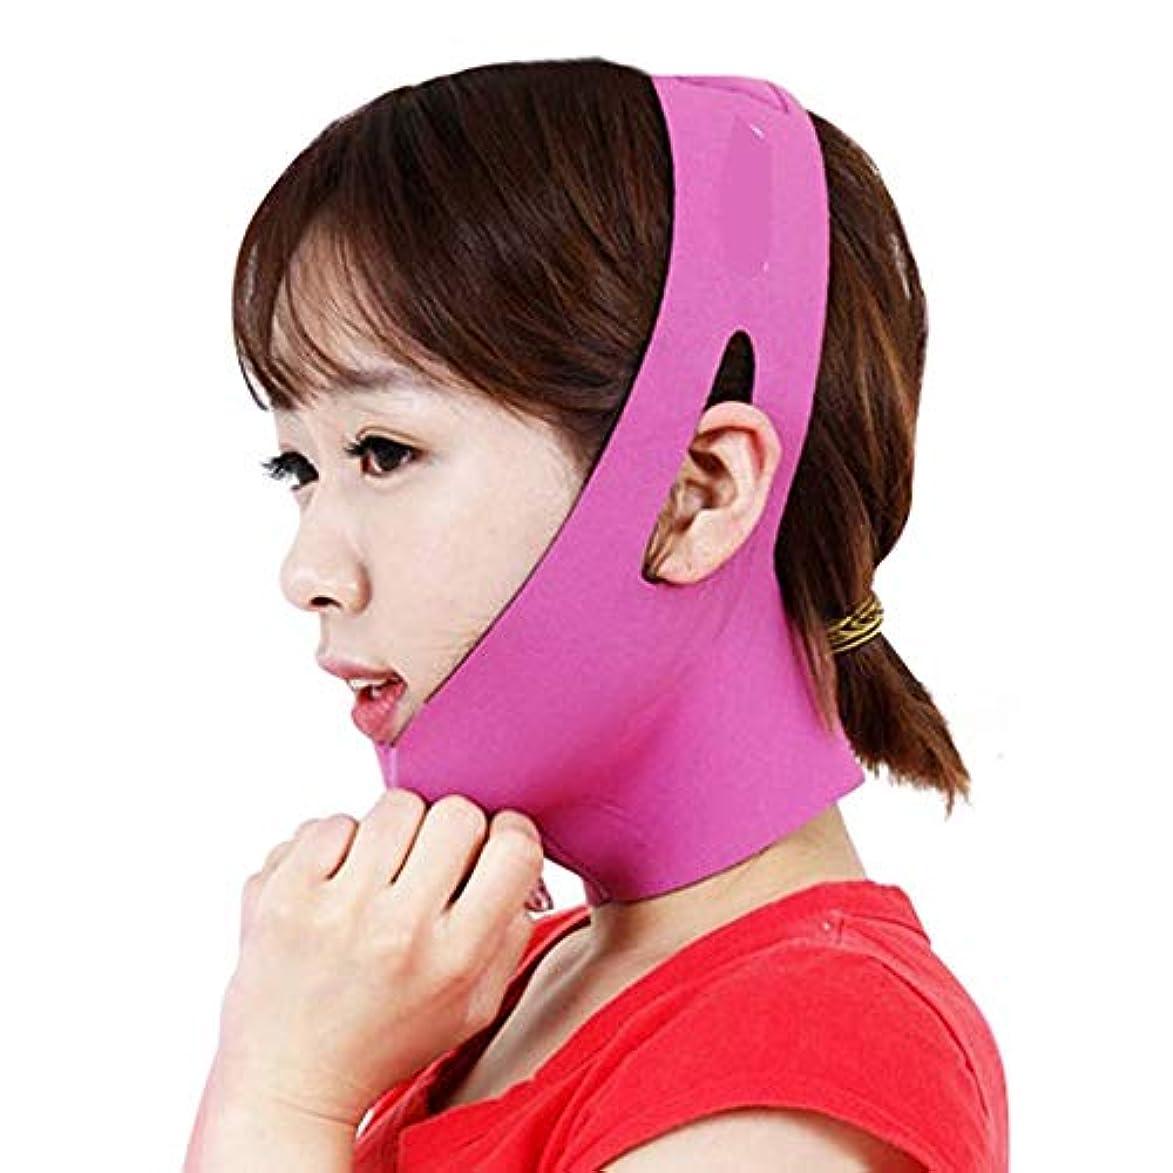 Minmin フェイシャルリフティング痩身ベルト圧縮二重あご減量ベルトスキンケア薄い顔包帯二重あごワークアウト みんみんVラインフェイスマスク (Color : Pink)